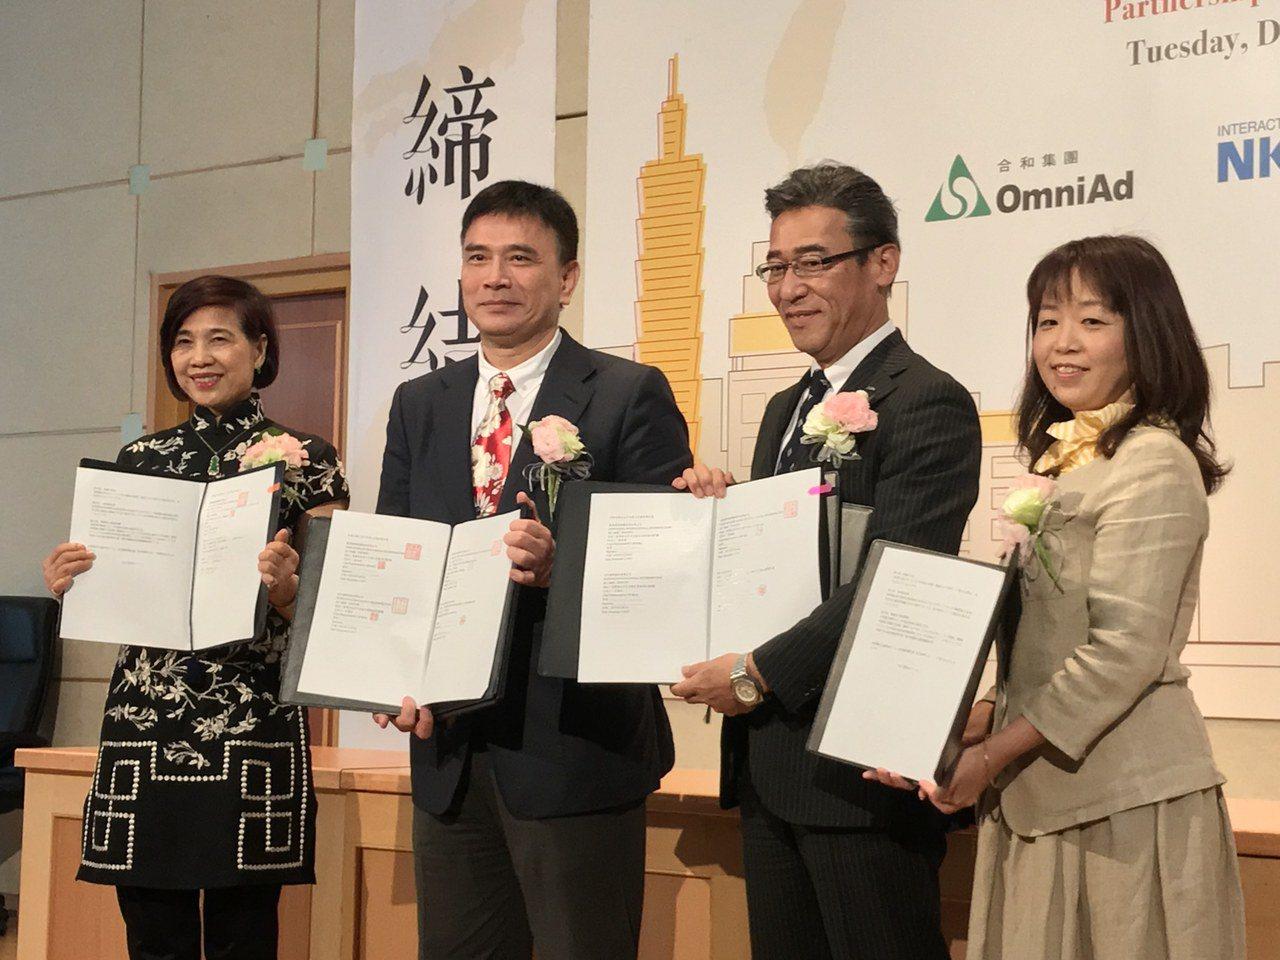 左起為台灣交通廣告公司合和集團董事長李麗淑、總裁李勁宏,日本交通廣告公司NKB集...